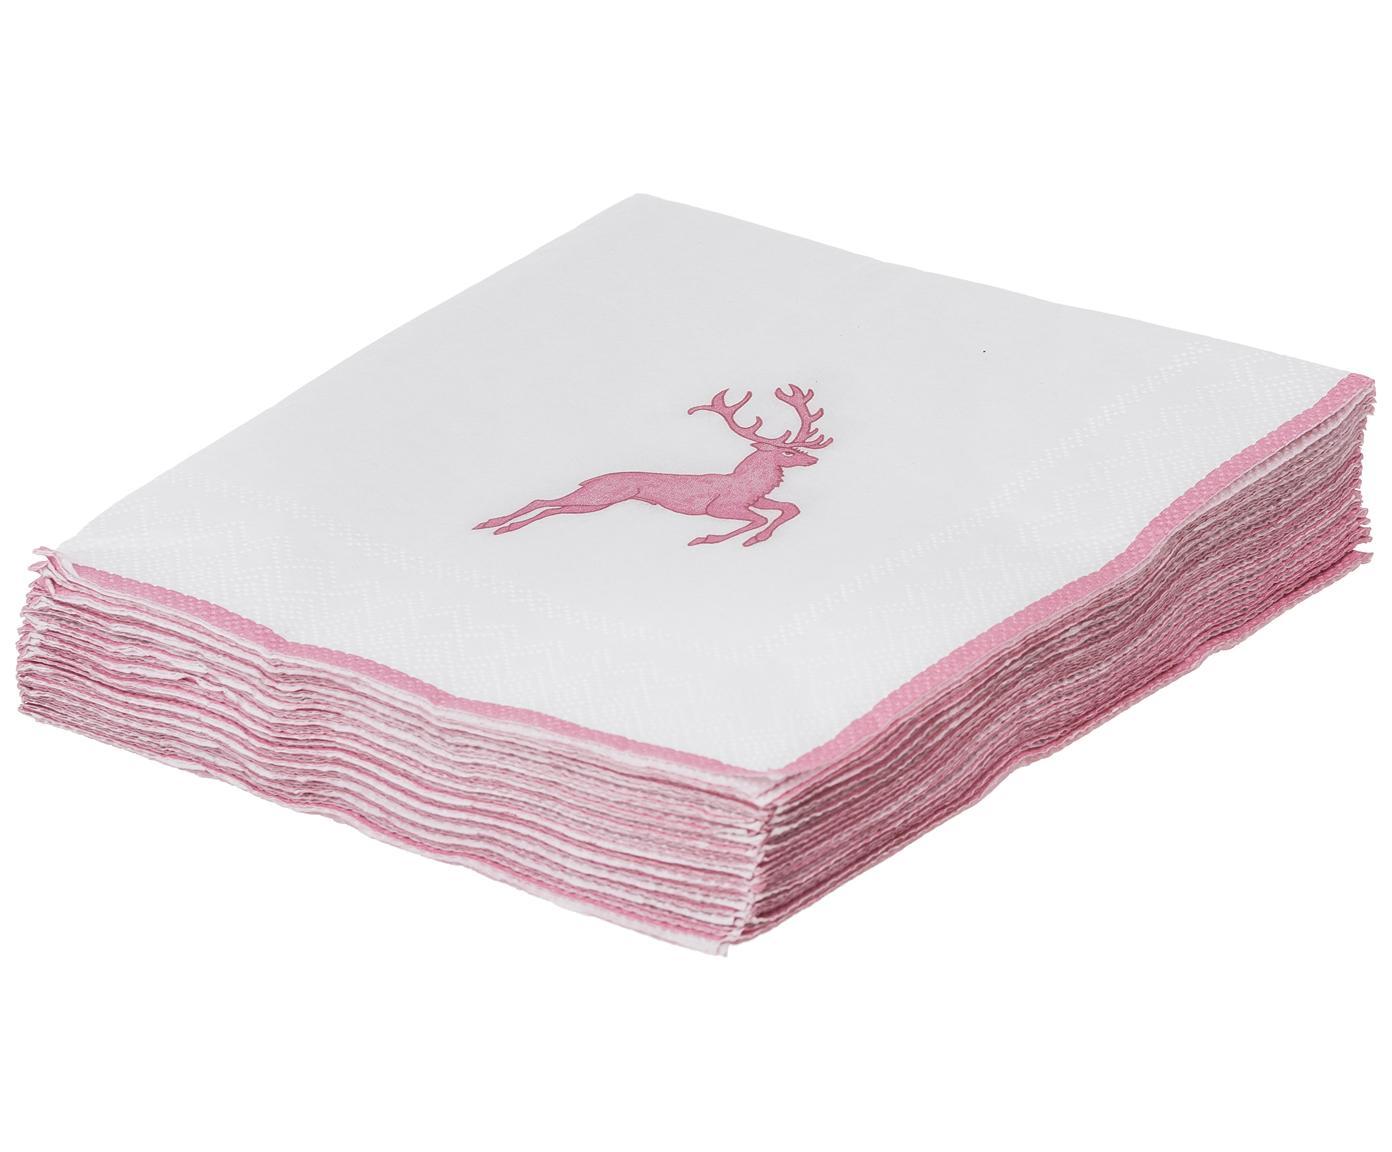 Ręcznie malowany serwis Rosa Gourmet Hirsch, 4 elem., Ceramika, Różowy, biały, Różne rozmiary